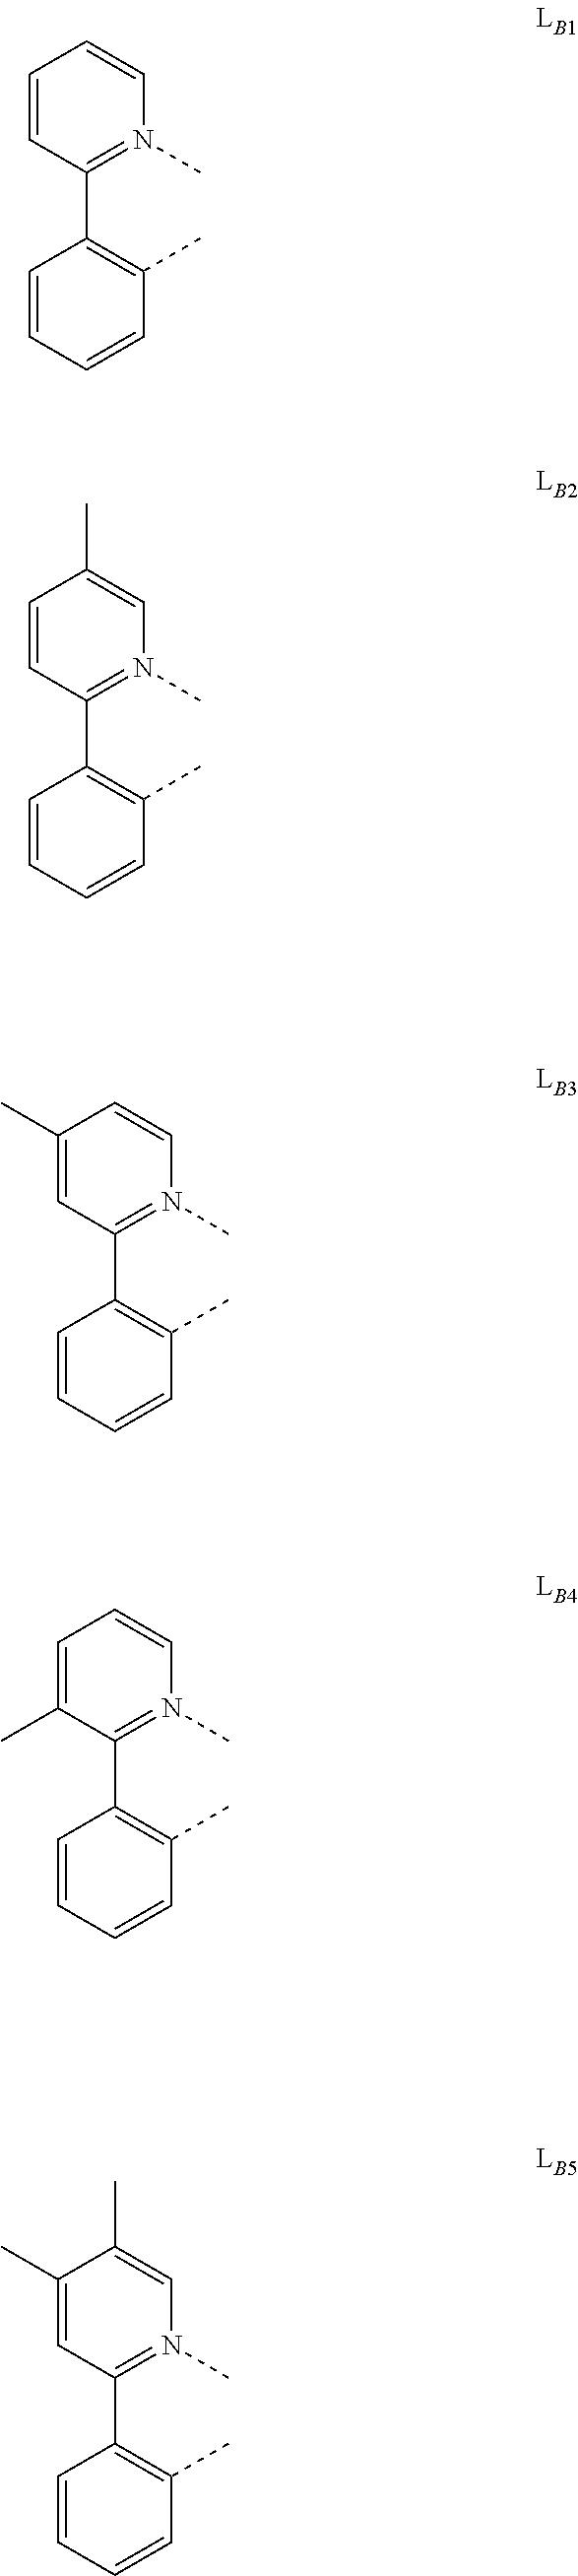 Figure US09929360-20180327-C00037